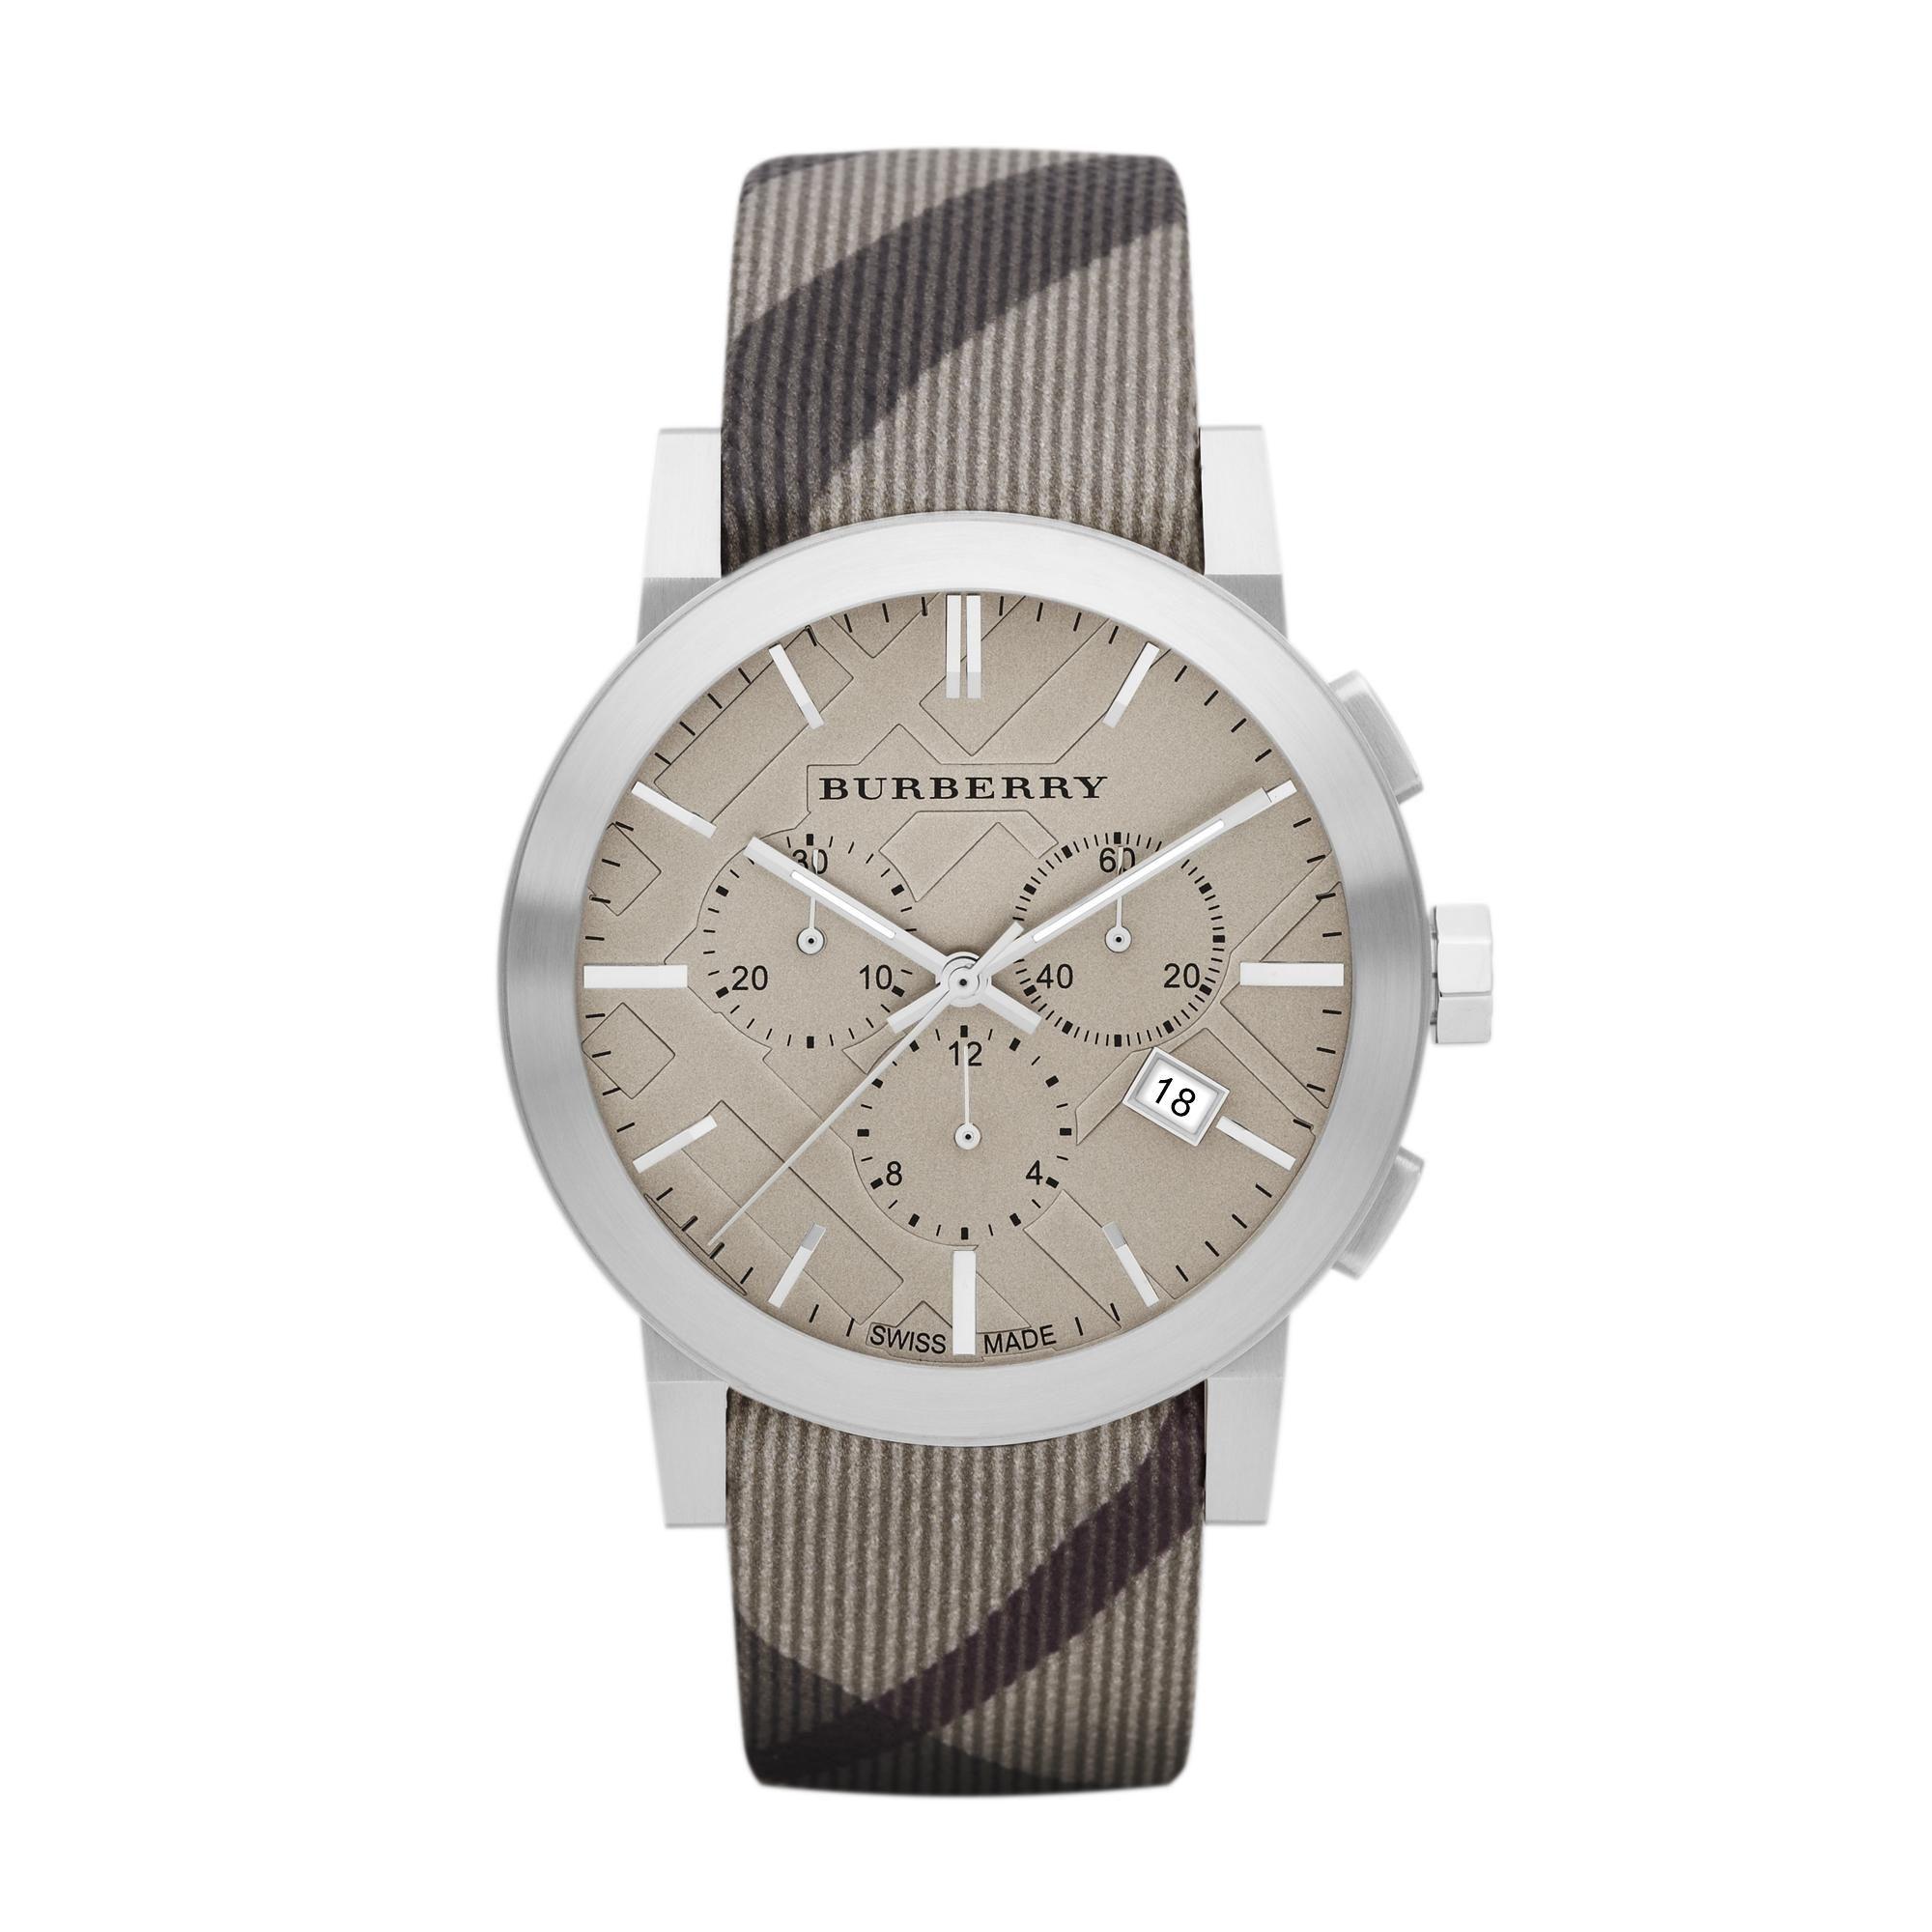 afea158da7a7 Burberry Classic Watch-BU9358